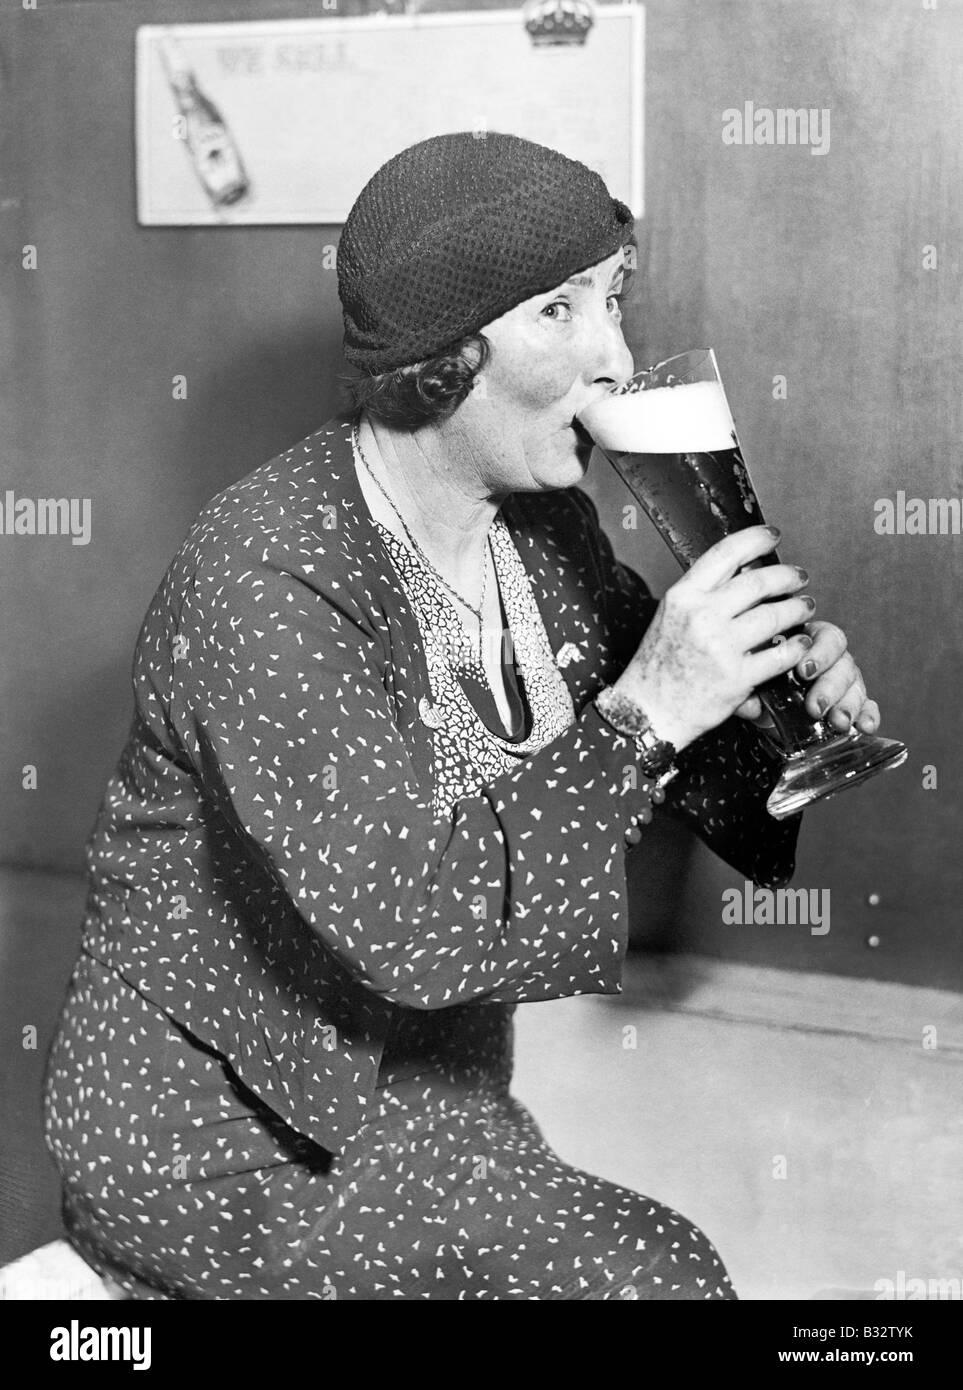 Mujer bebiendo de un gran vaso de cerveza Imagen De Stock